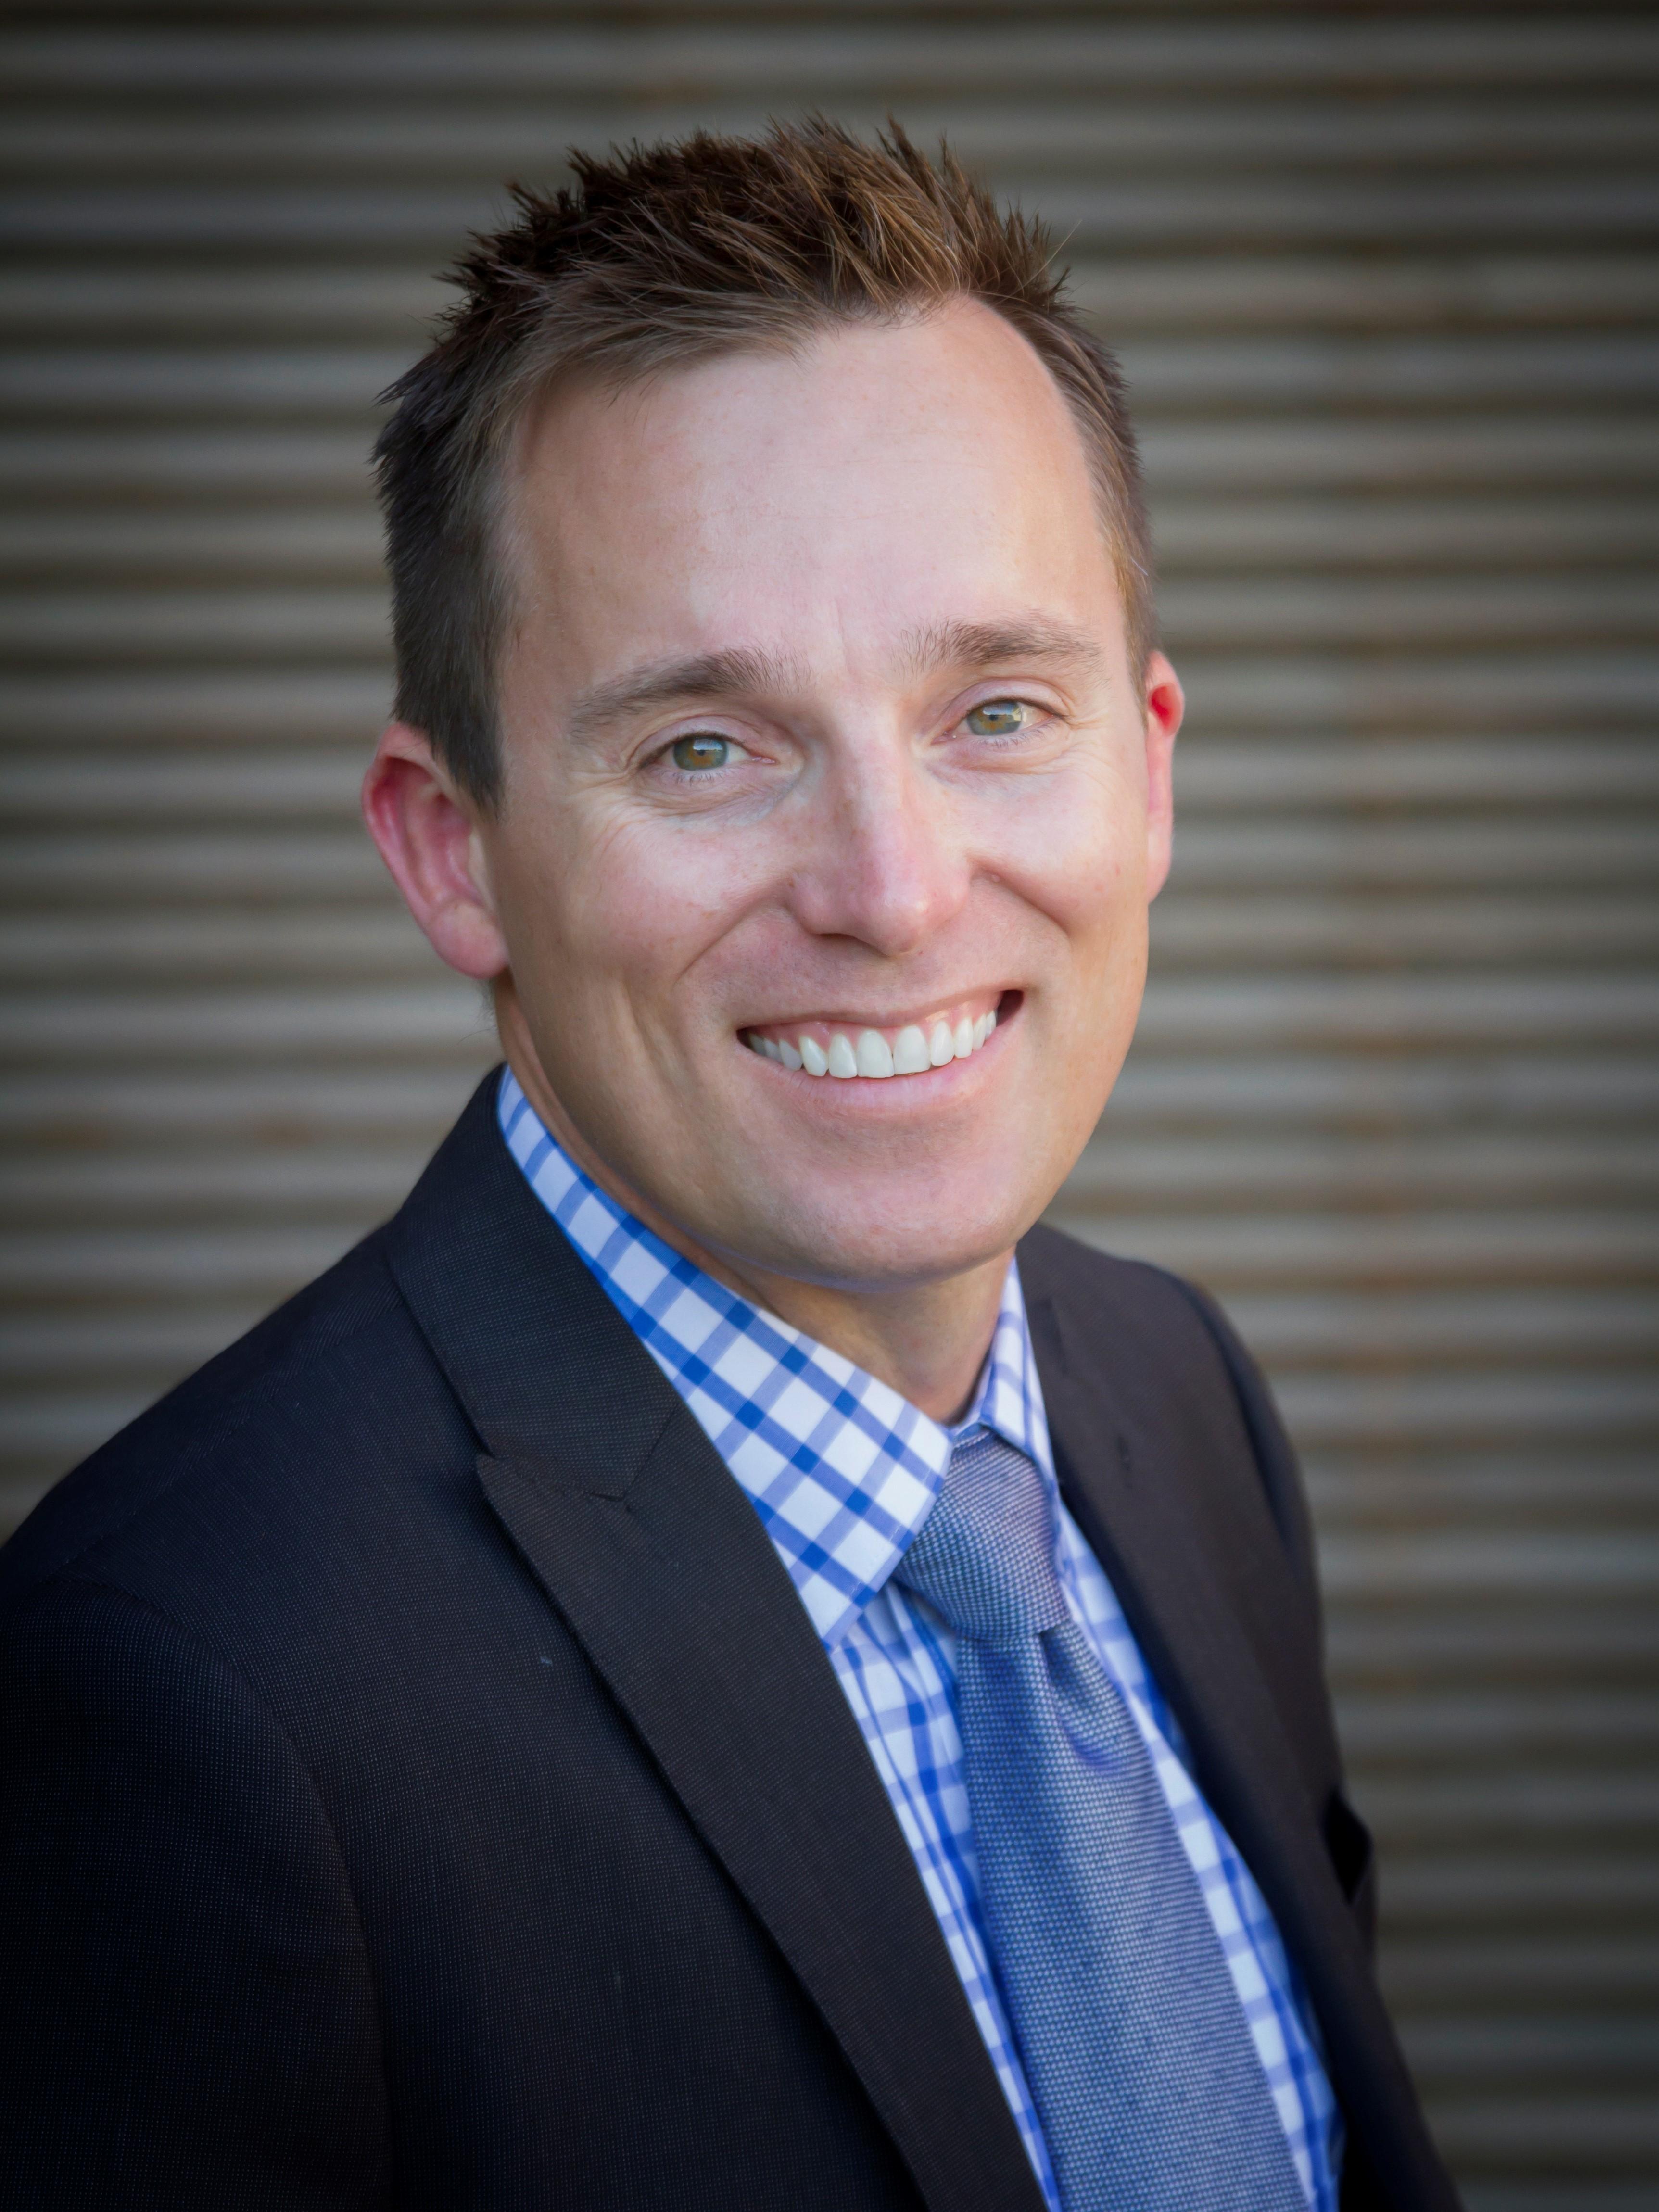 Chris Stratman